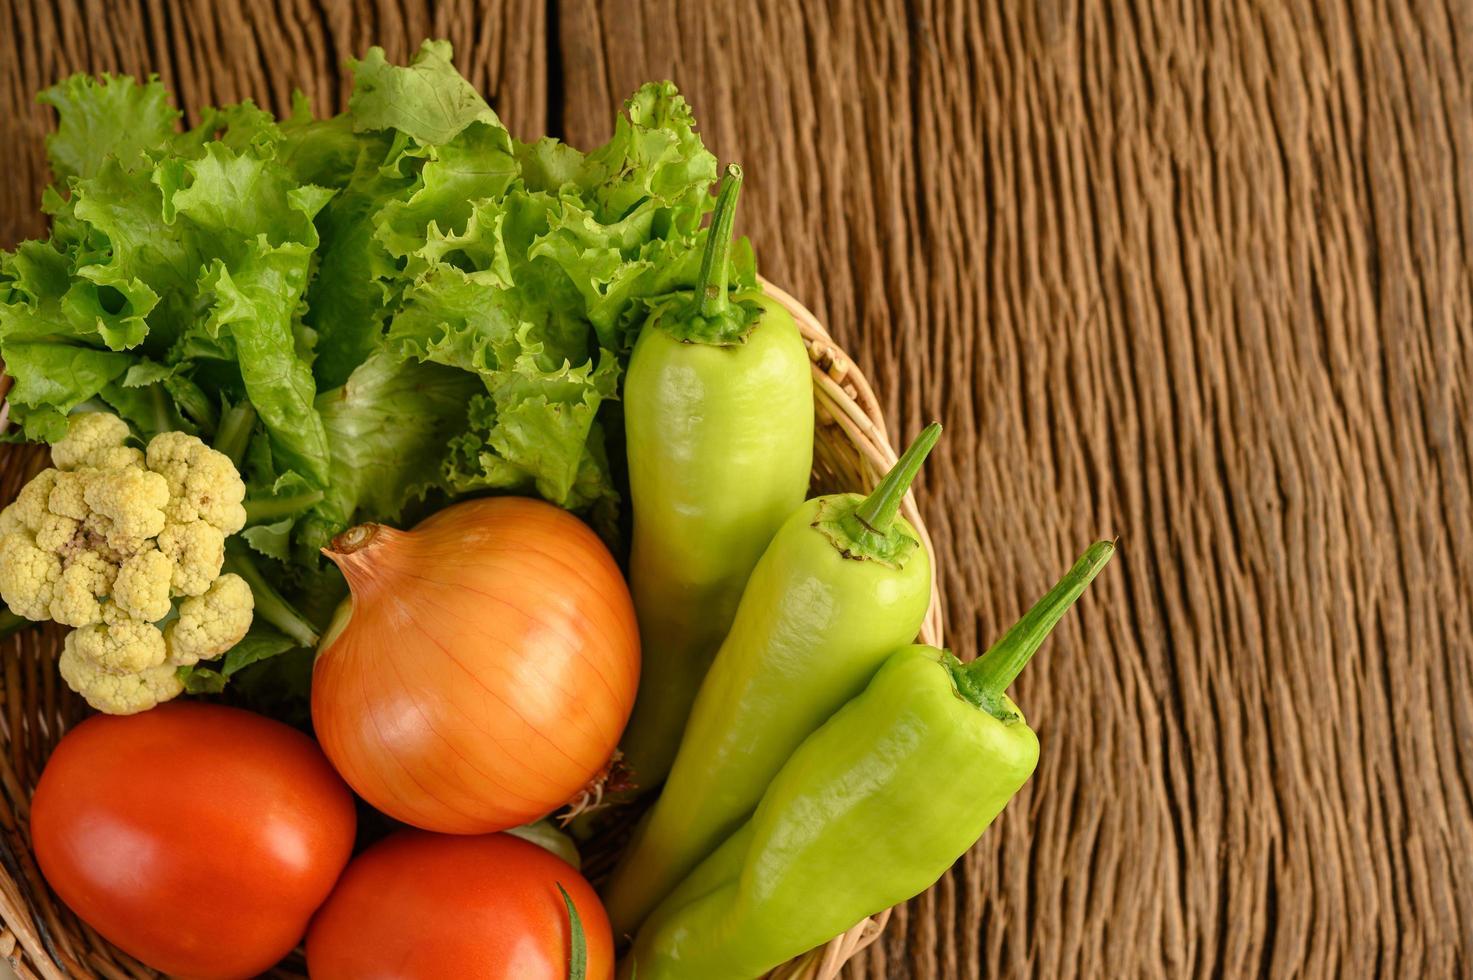 Paprika, Tomate, Zwiebel, Salat und Blumenkohl auf einem Holzkorb auf einem Holztisch foto